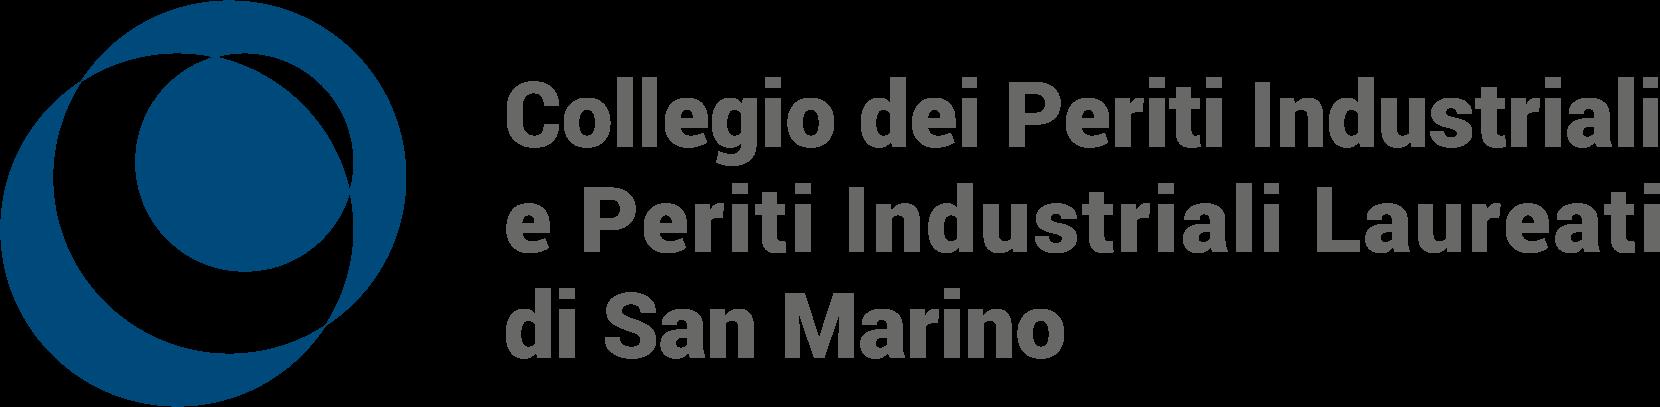 Collegio dei Periti Industriali e dei Periti Industriali Laureati di San Marino